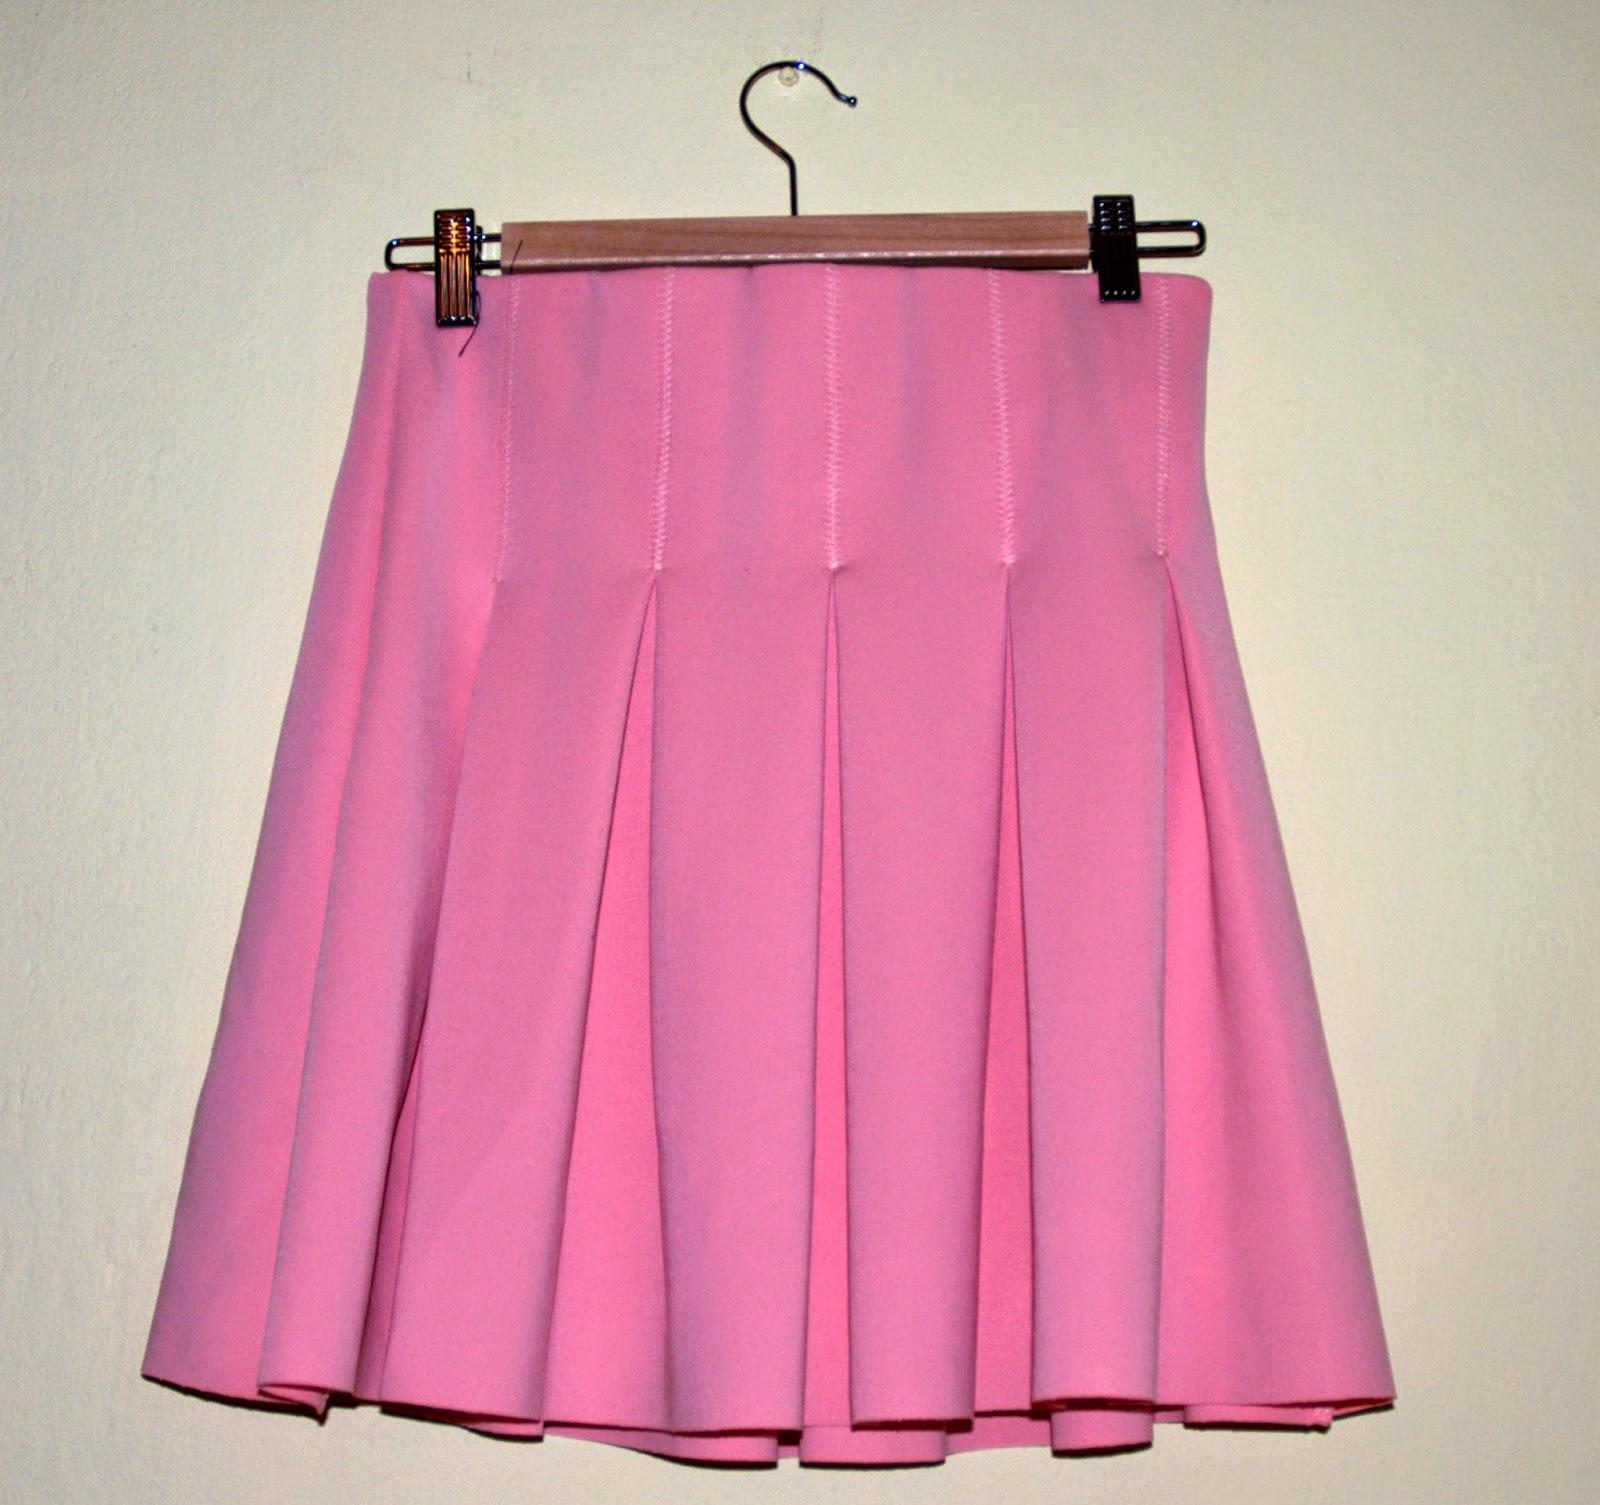 piankowa spódnica z Zary w różowym kolorze